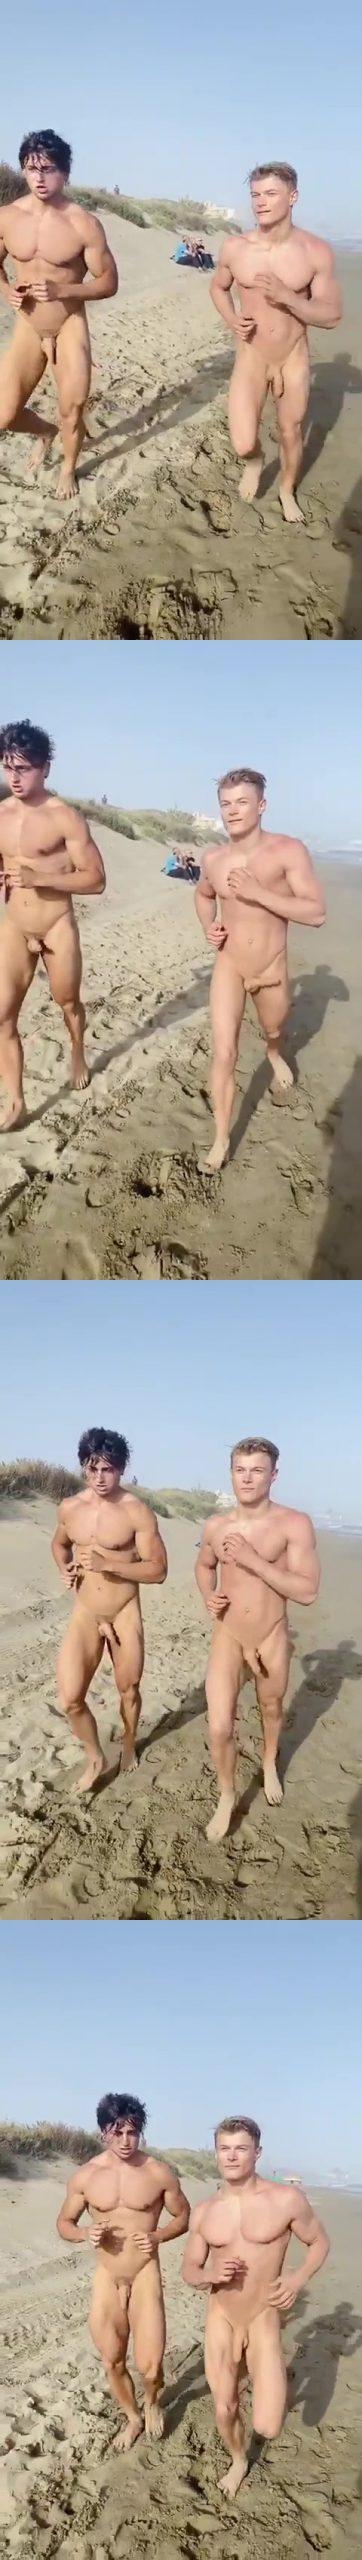 nudist guys running on the beach